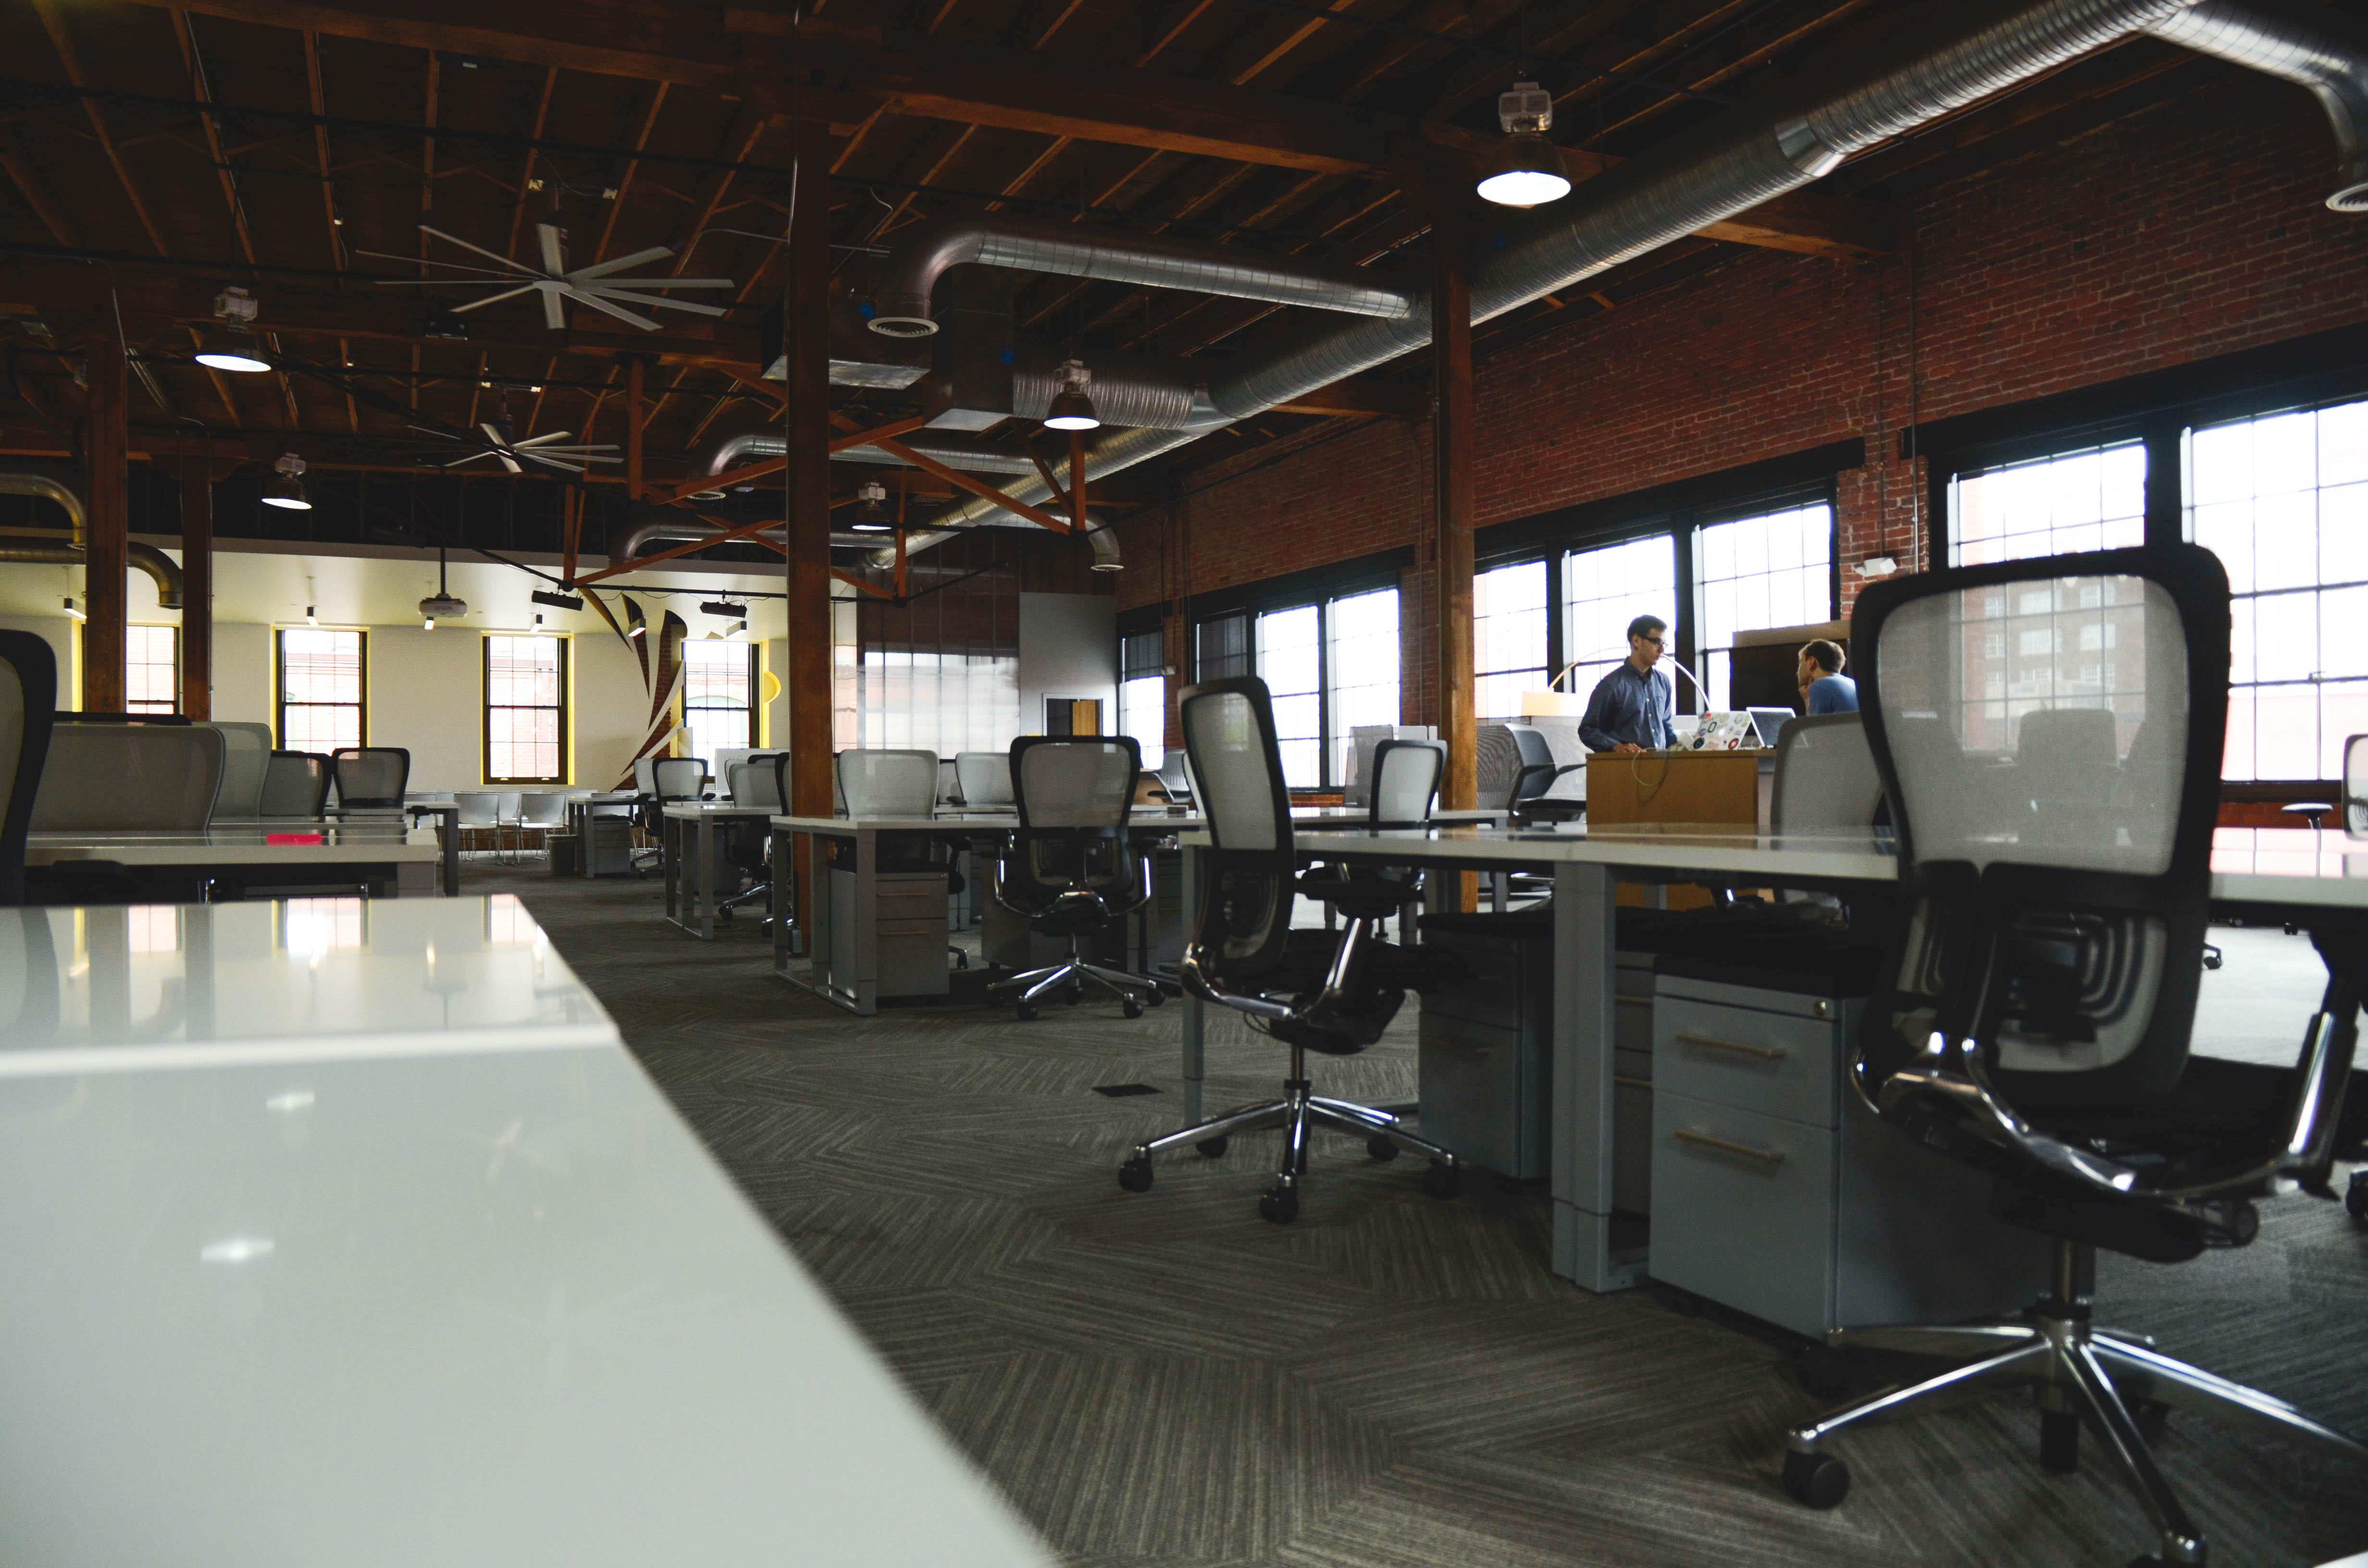 Desk open work spaces